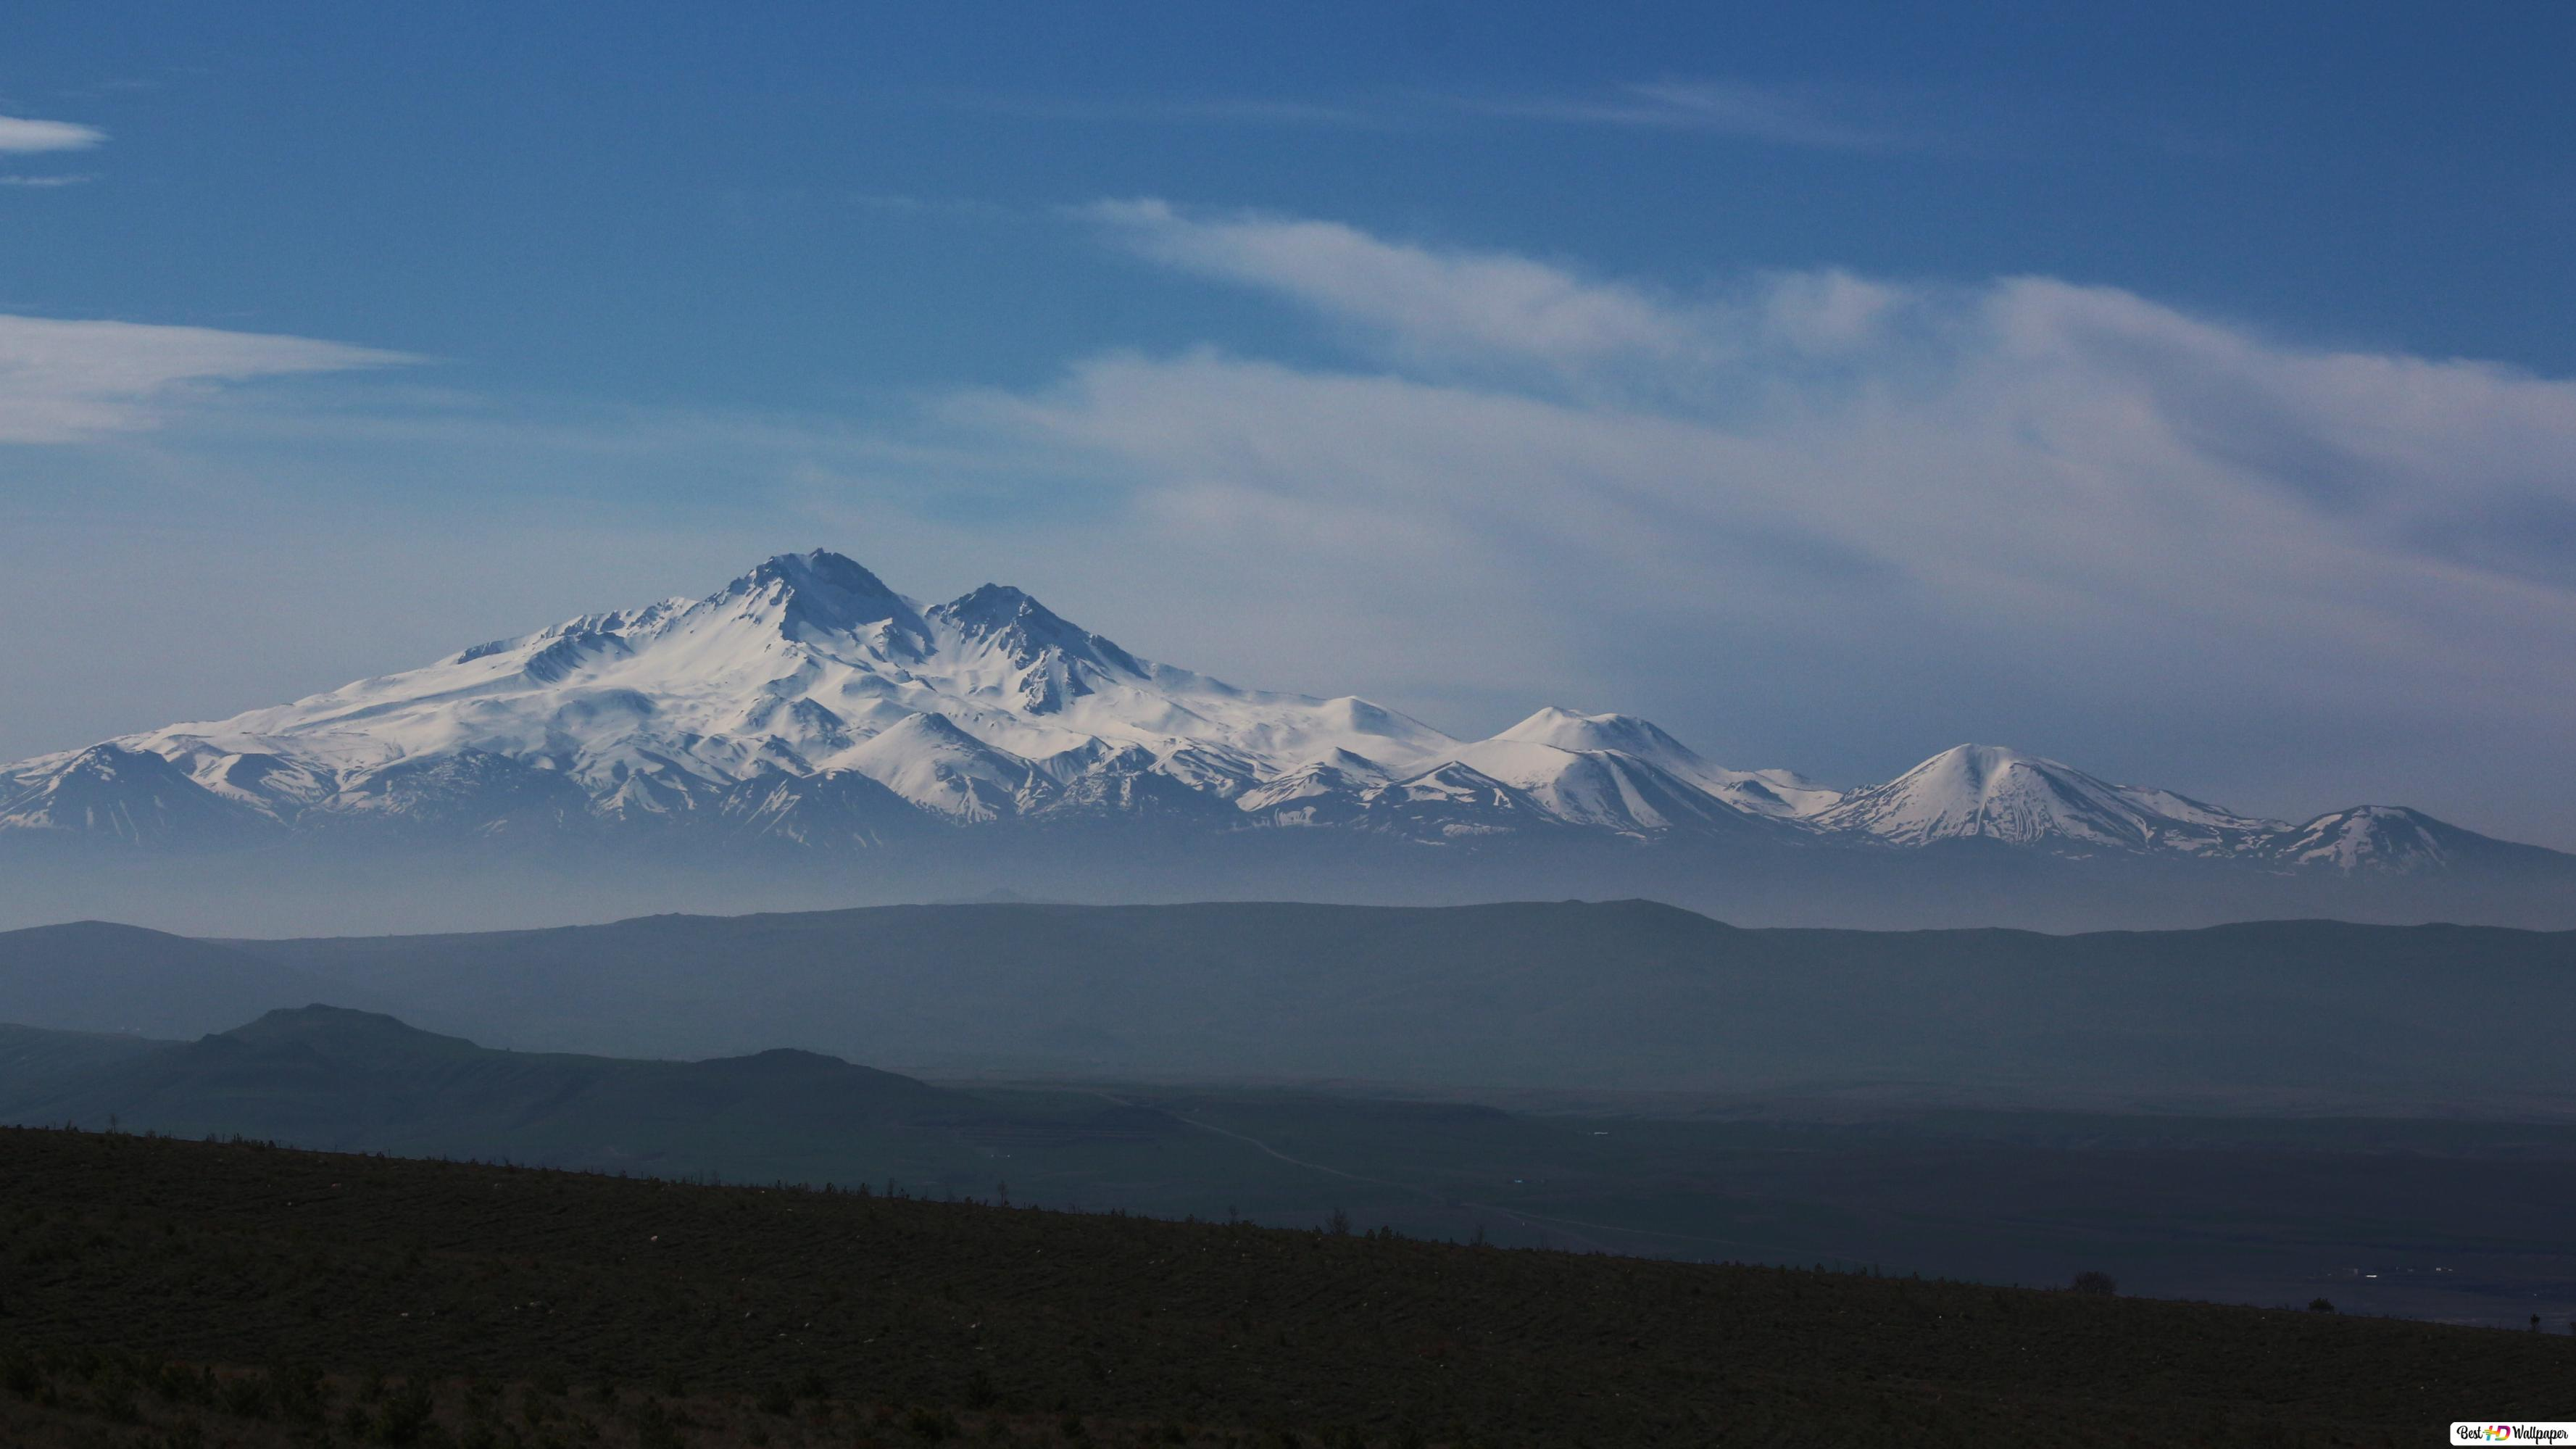 Erciyes Berg Hd Hintergrundbilder Herunterladen